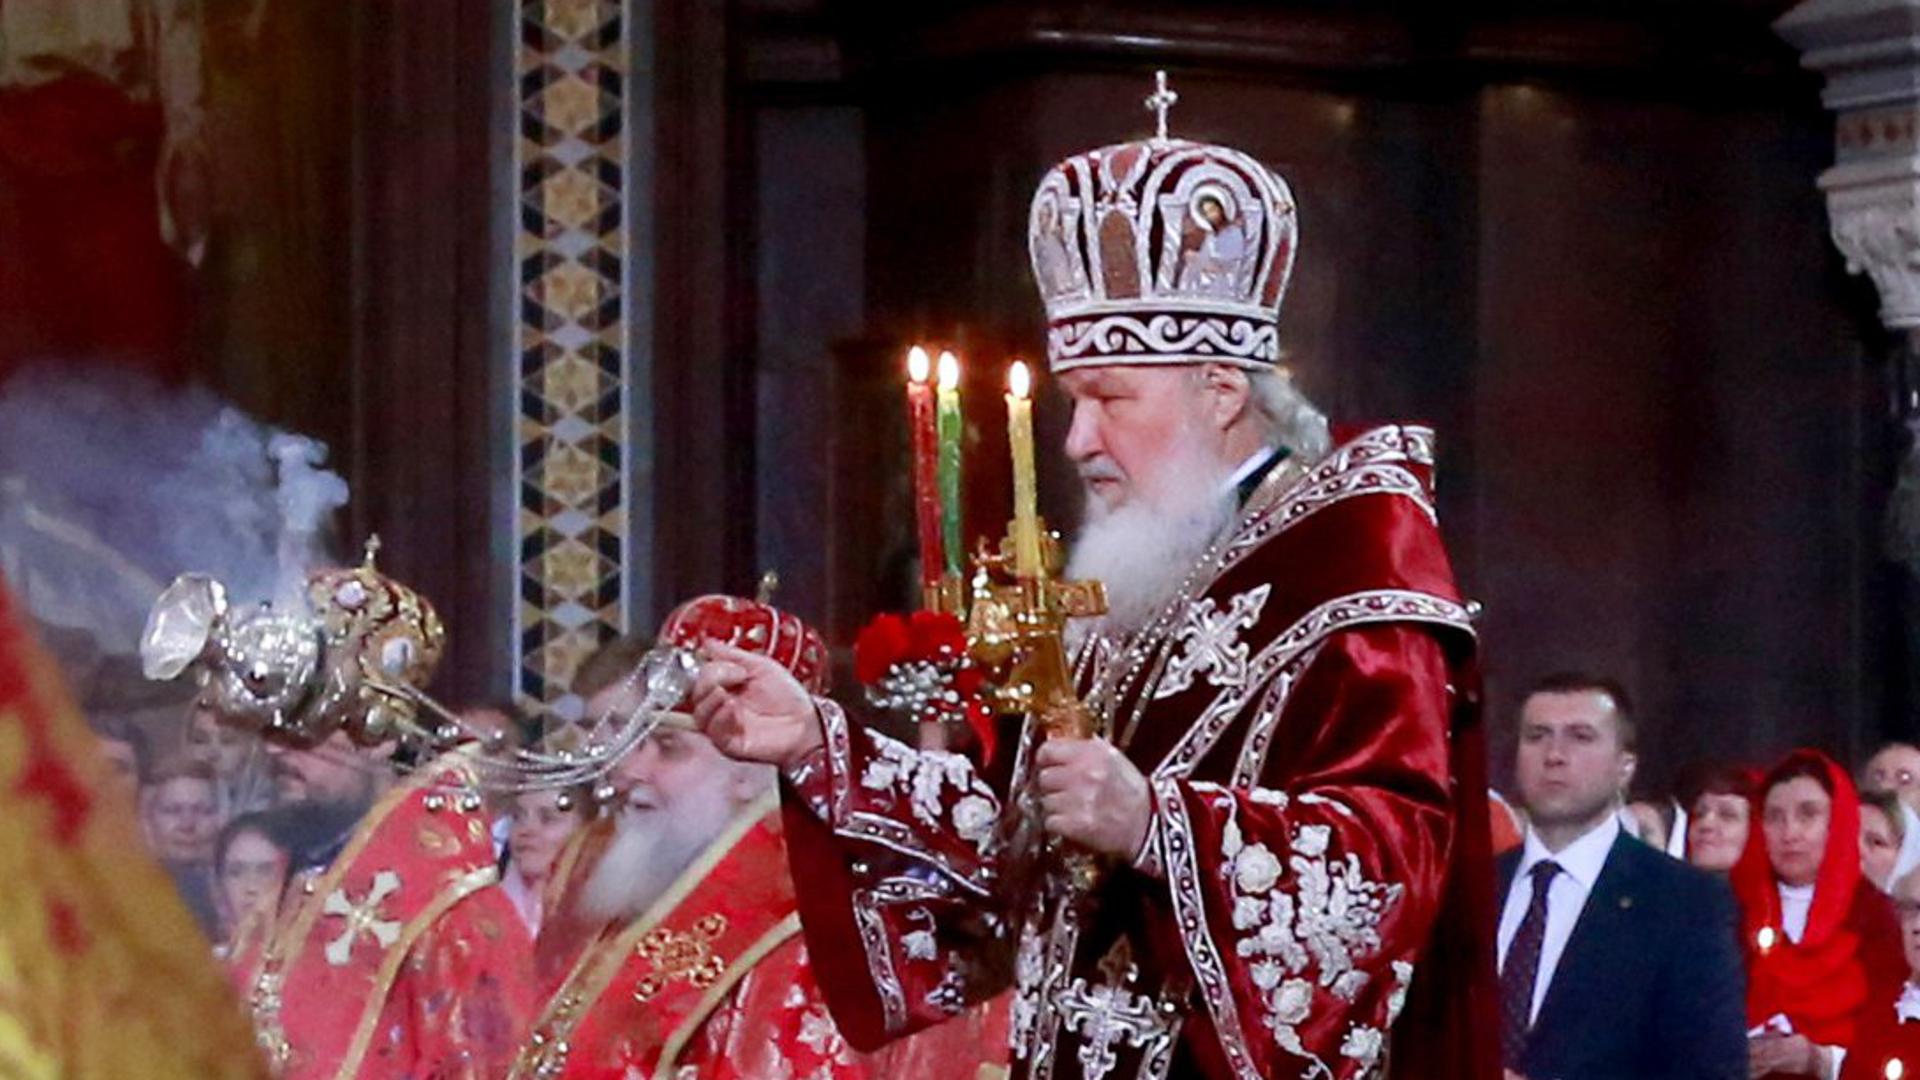 Russisch katholisch